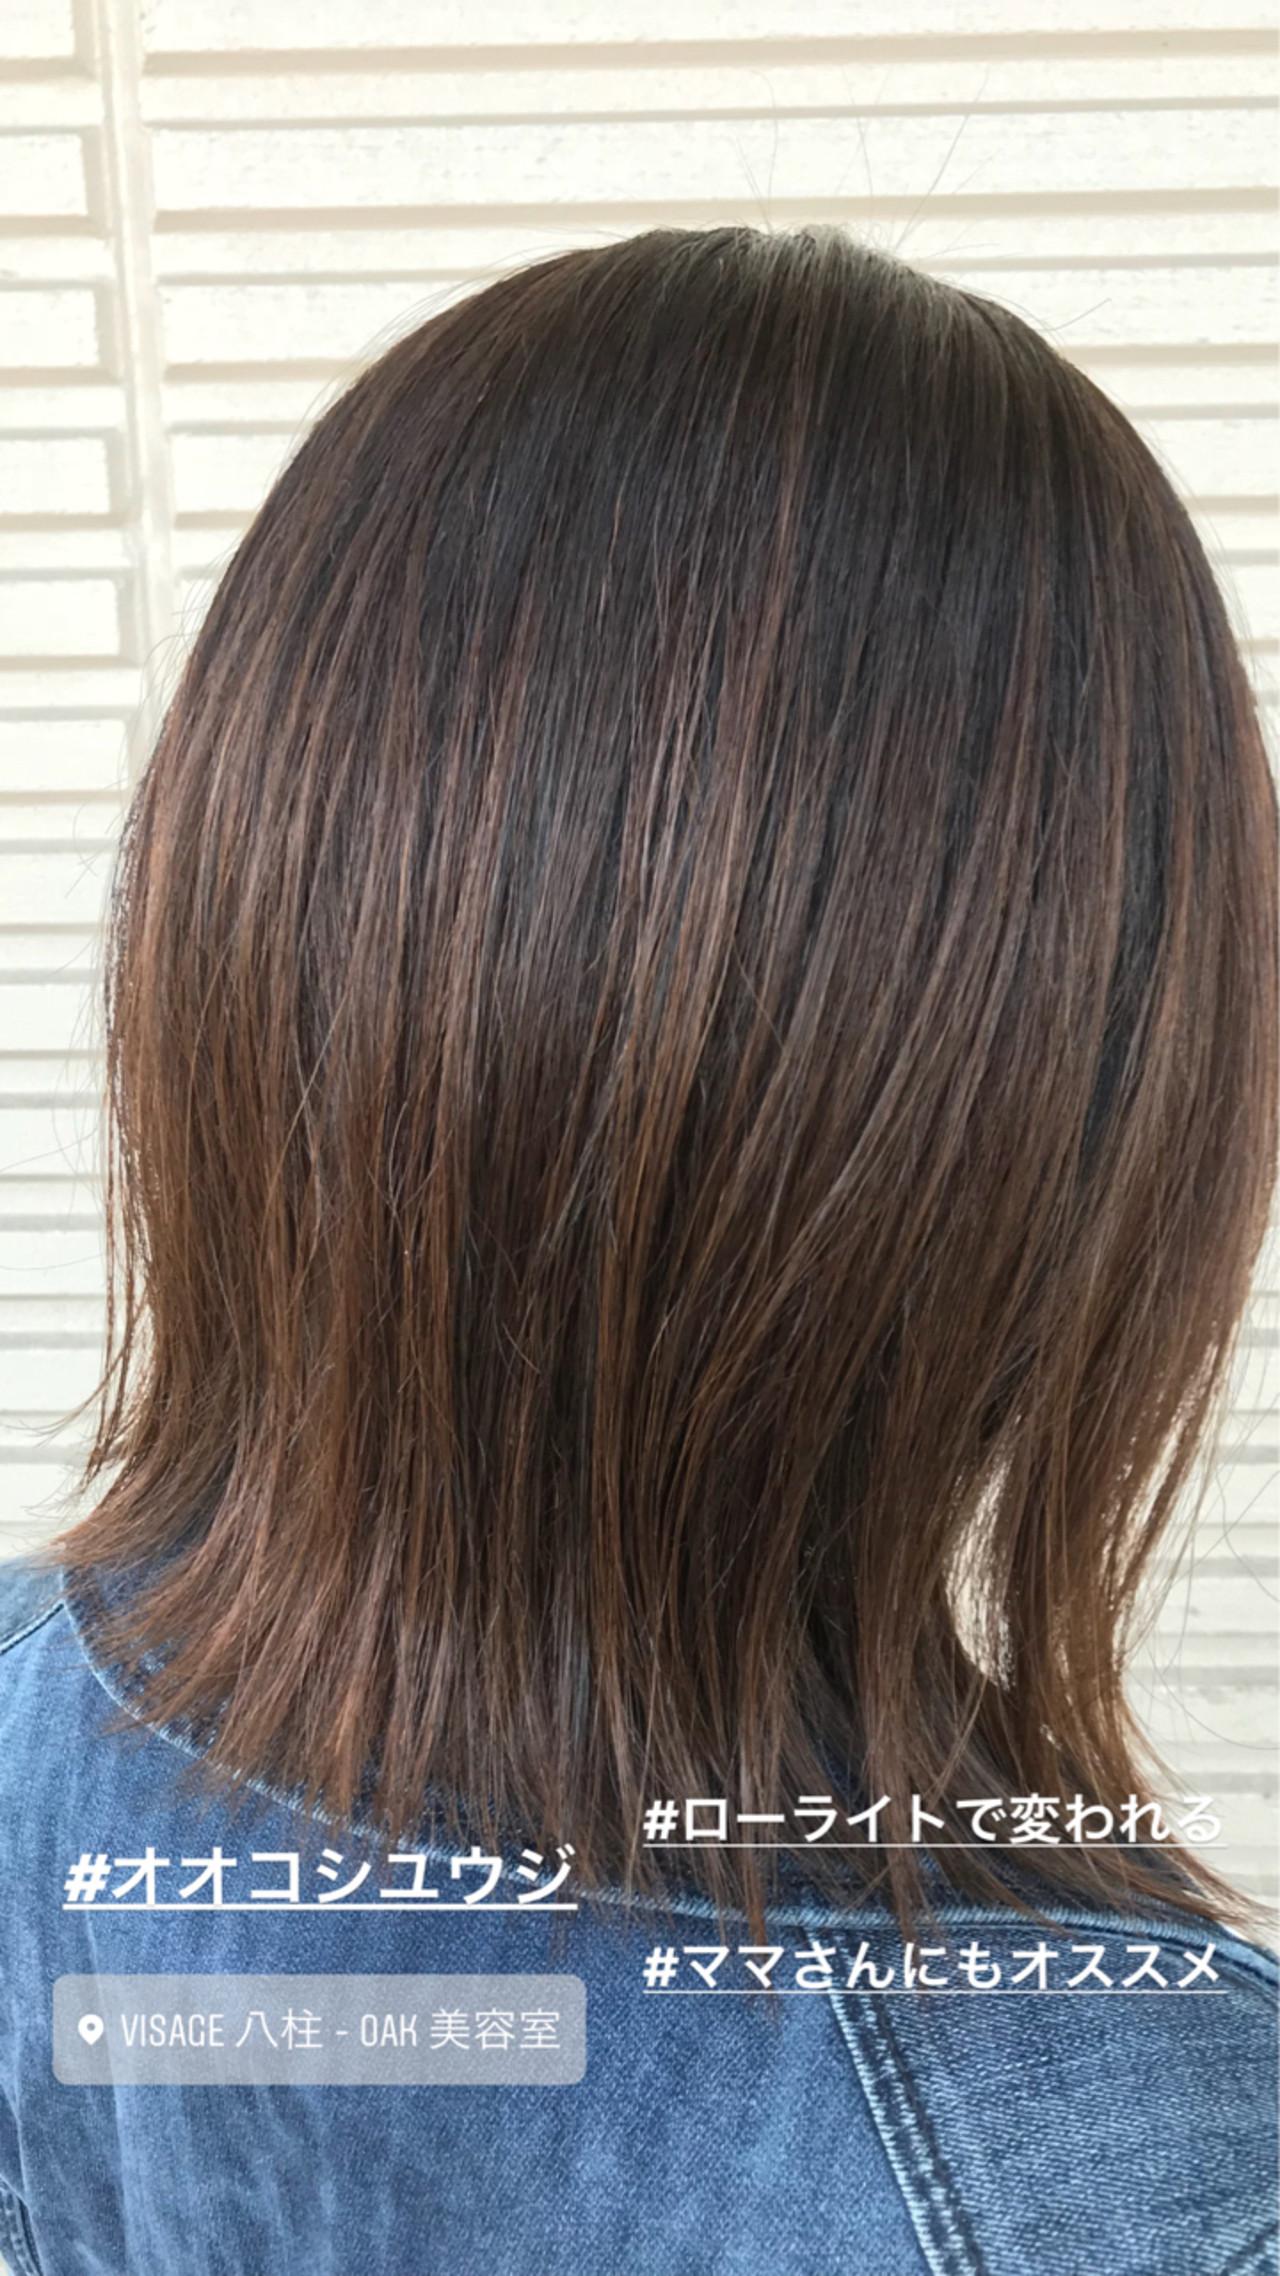 外ハネ グラデーションカラー モード ウェットヘア ヘアスタイルや髪型の写真・画像   大越 勇嗣 / VISAGE Oak